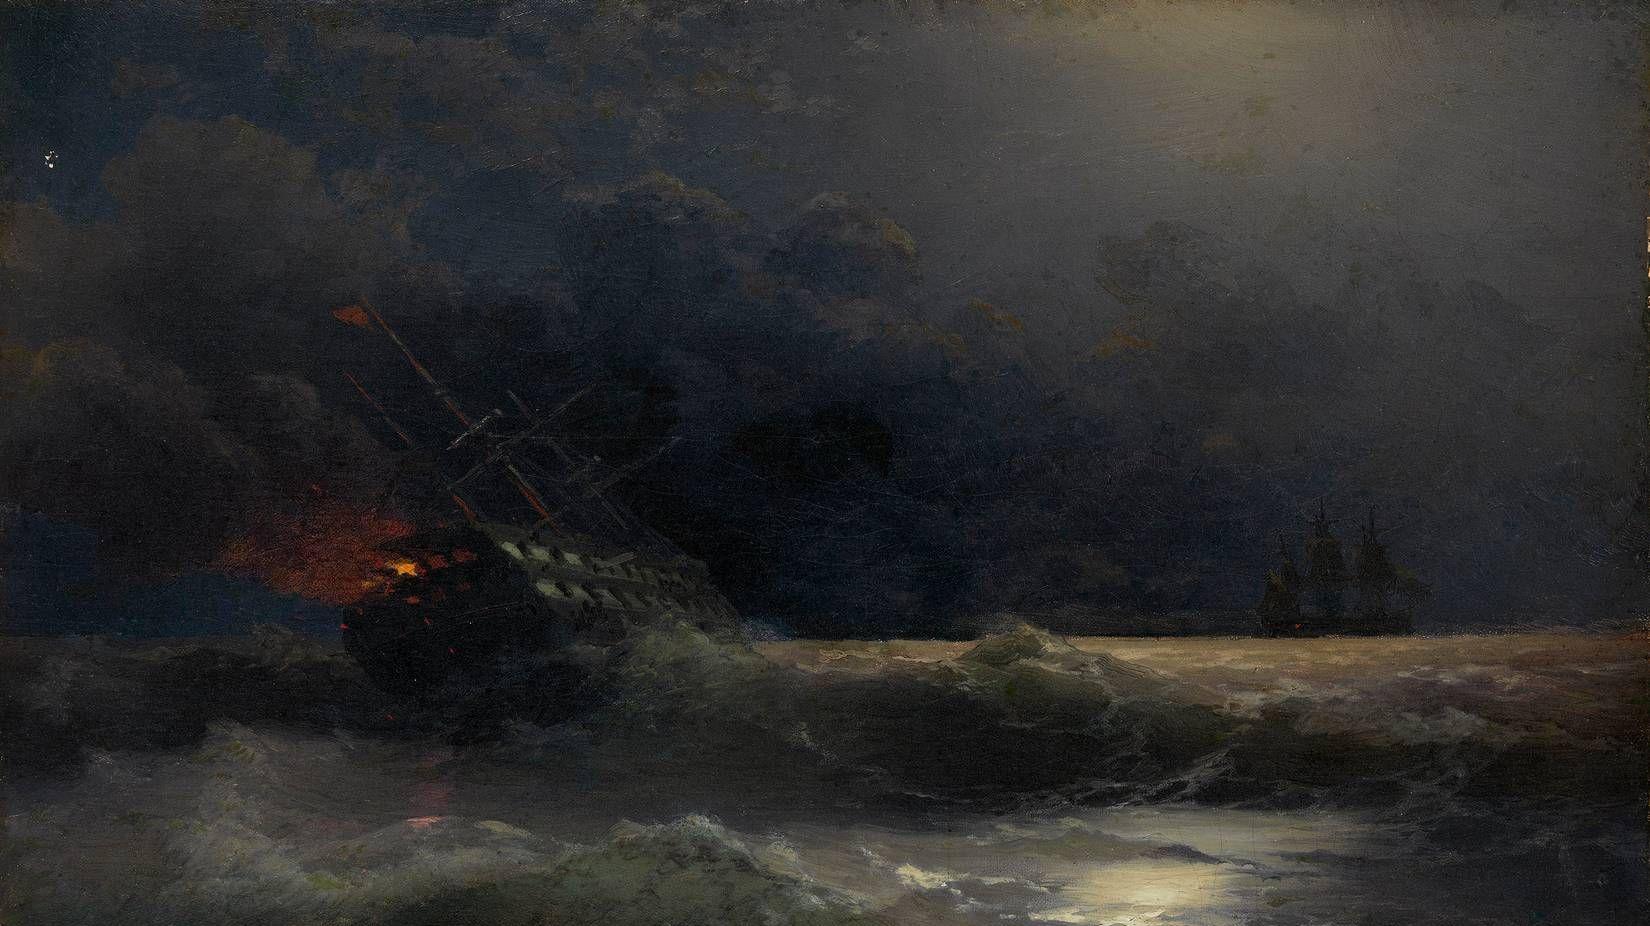 Иван Айвазовский. Горящий корабль. 1896